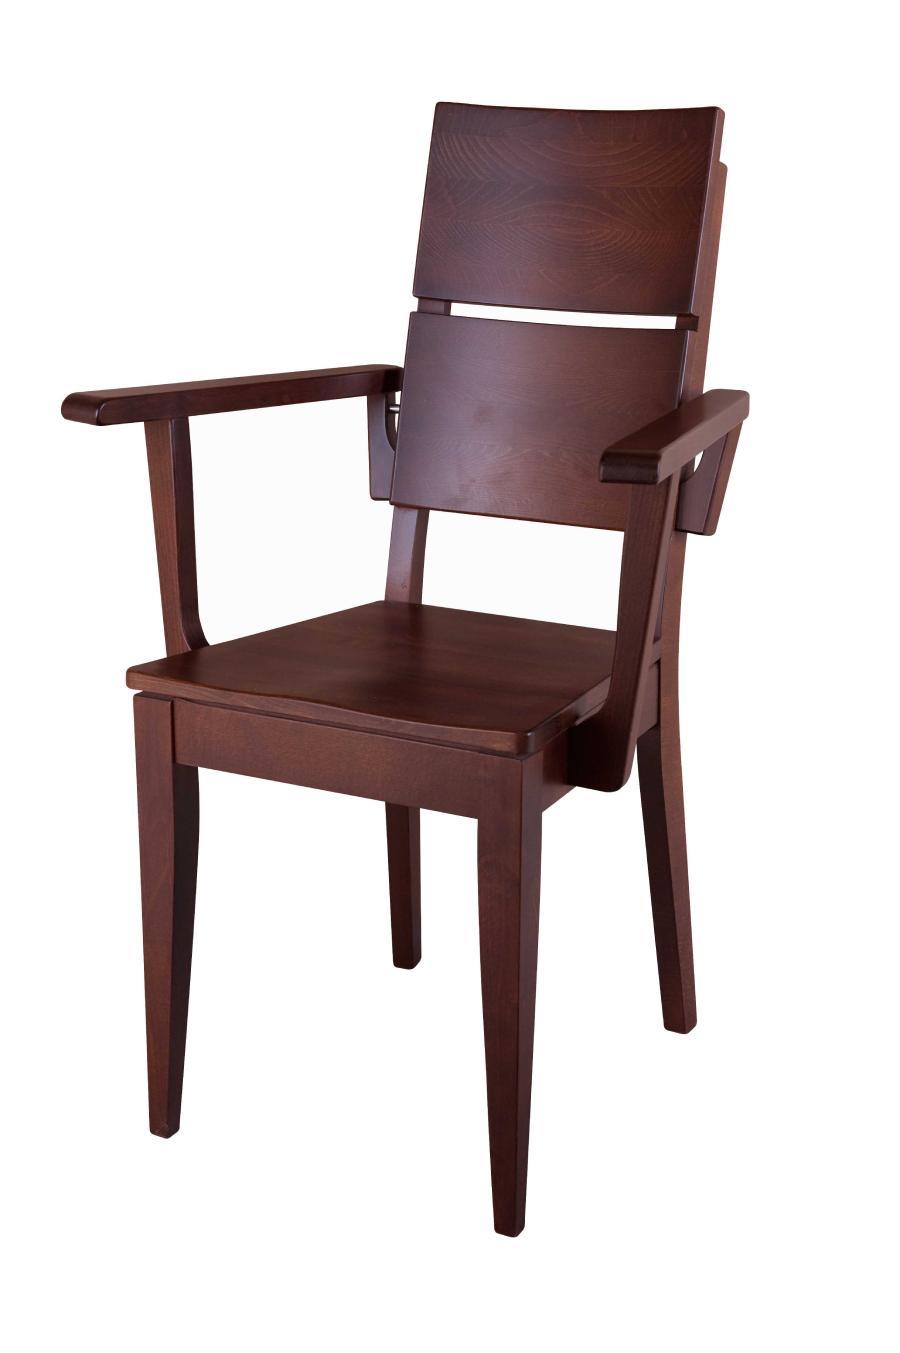 Fotel drewniany Spring K-2 z drewnianym siedziskiem